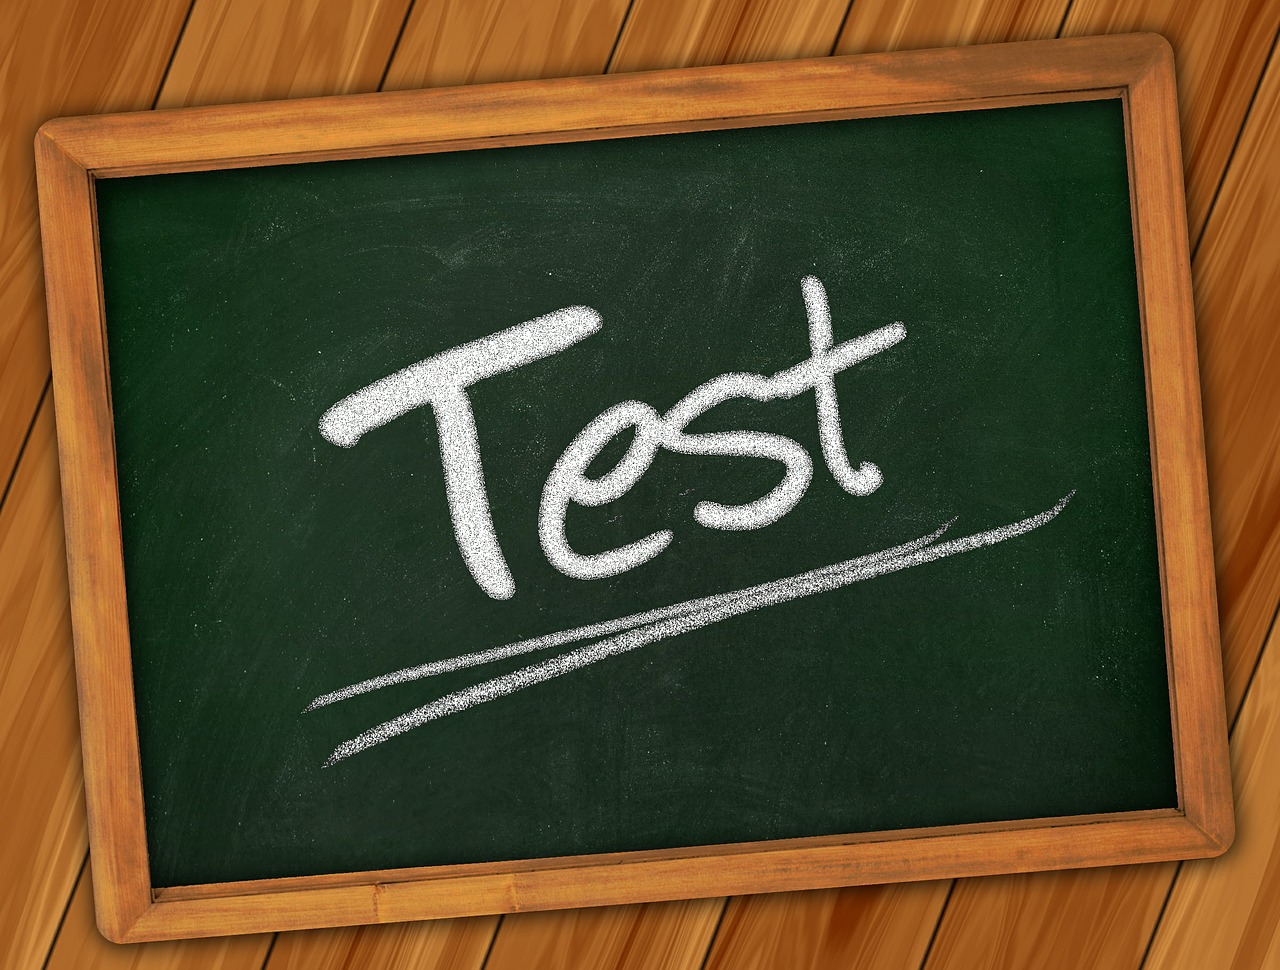 Successfull exam pareparation tips